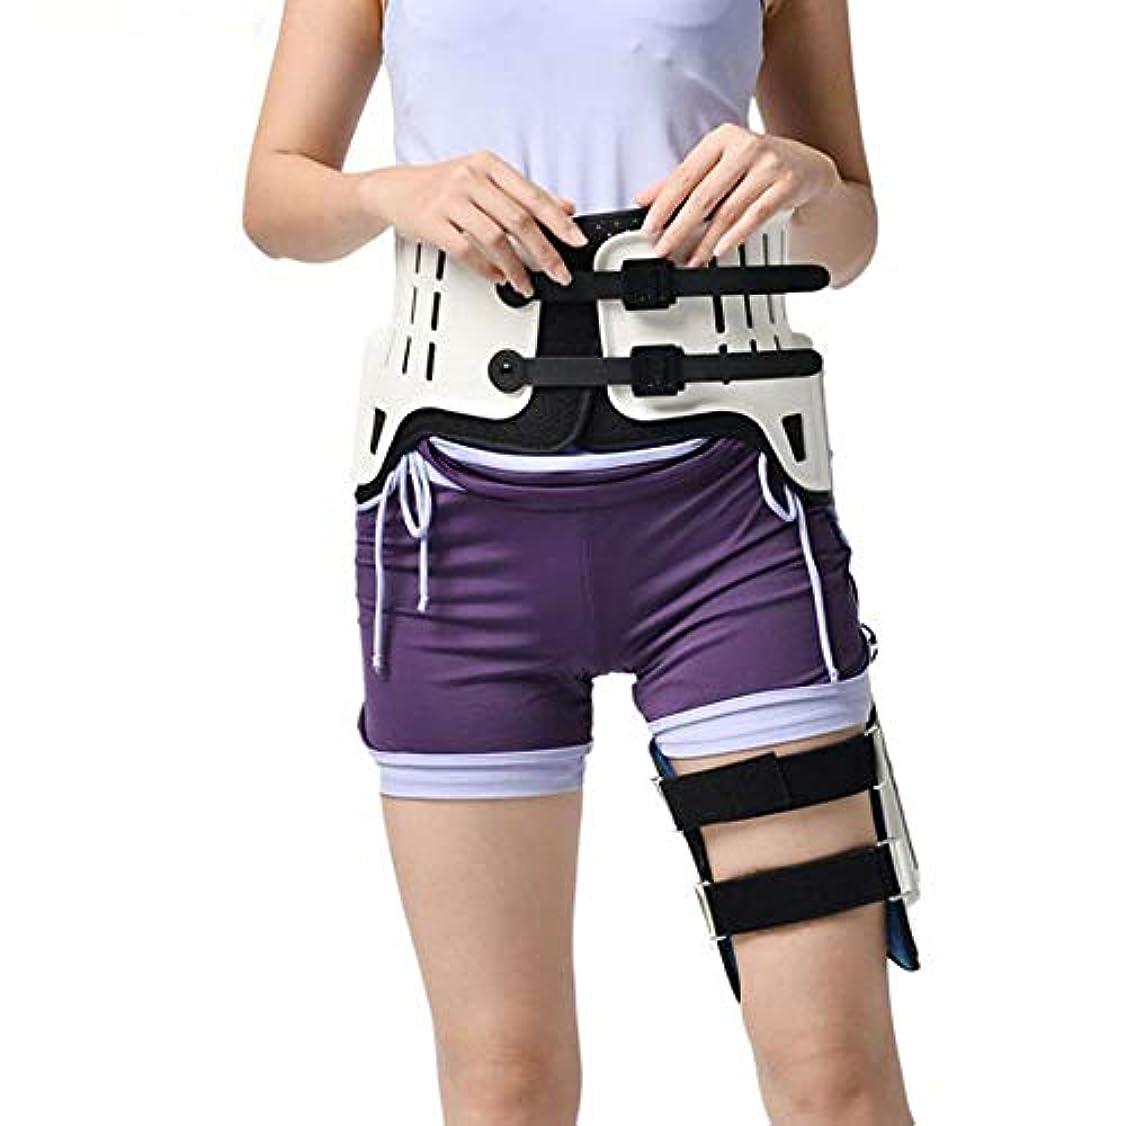 股関節外転固定装具、股関節脱臼股関節置換術下肢四肢麻痺固定